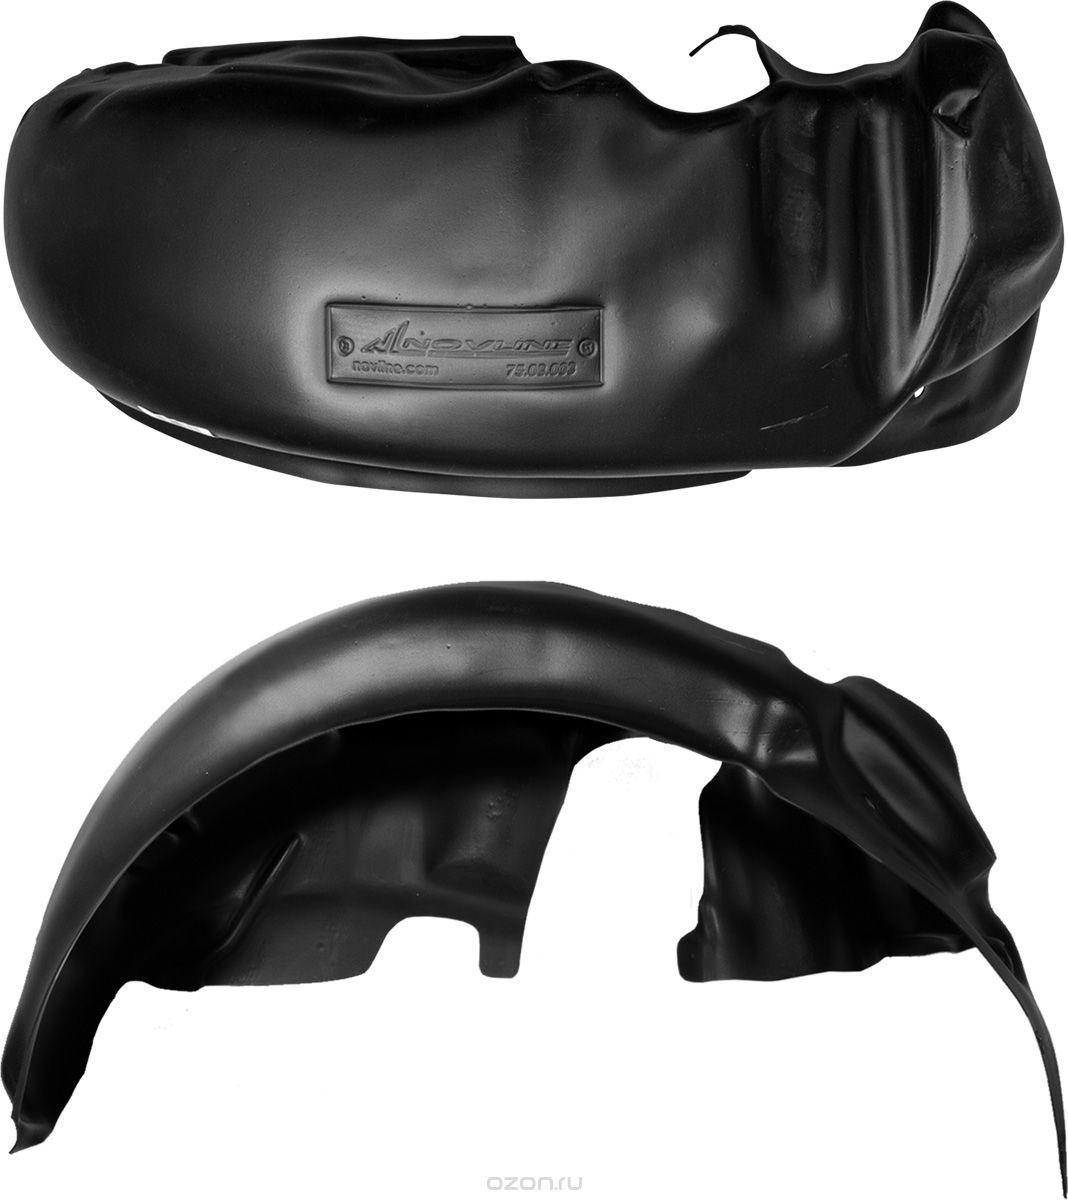 Подкрылок Novline-Autofamily, для FAW Besturn B50, 2012->, задний левыйкн12-60авцИдеальная защита колесной ниши. Локеры разработаны с применением цифровых технологий, гарантируют максимальную повторяемость поверхности арки. Изделия устанавливаются без нарушения лакокрасочного покрытия автомобиля, каждый подкрылок комплектуется крепежом. Уважаемые клиенты, обращаем ваше внимание, что фотографии на подкрылки универсальные и не отражают реальную форму изделия. При этом само изделие идет точно под размер указанного автомобиля.